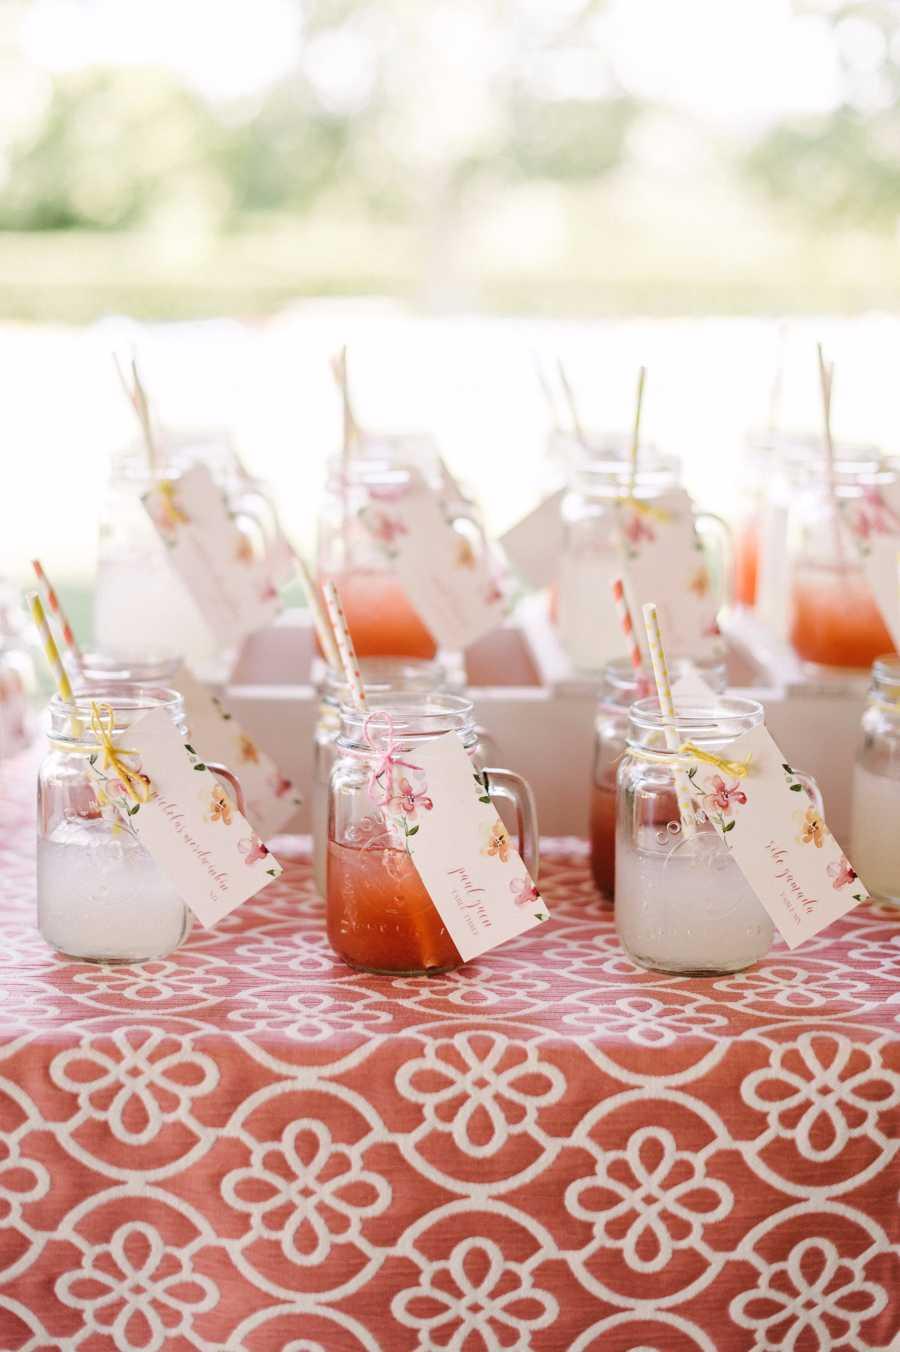 Aposte em bebidinhas, os convidados podem levar o copo para casa